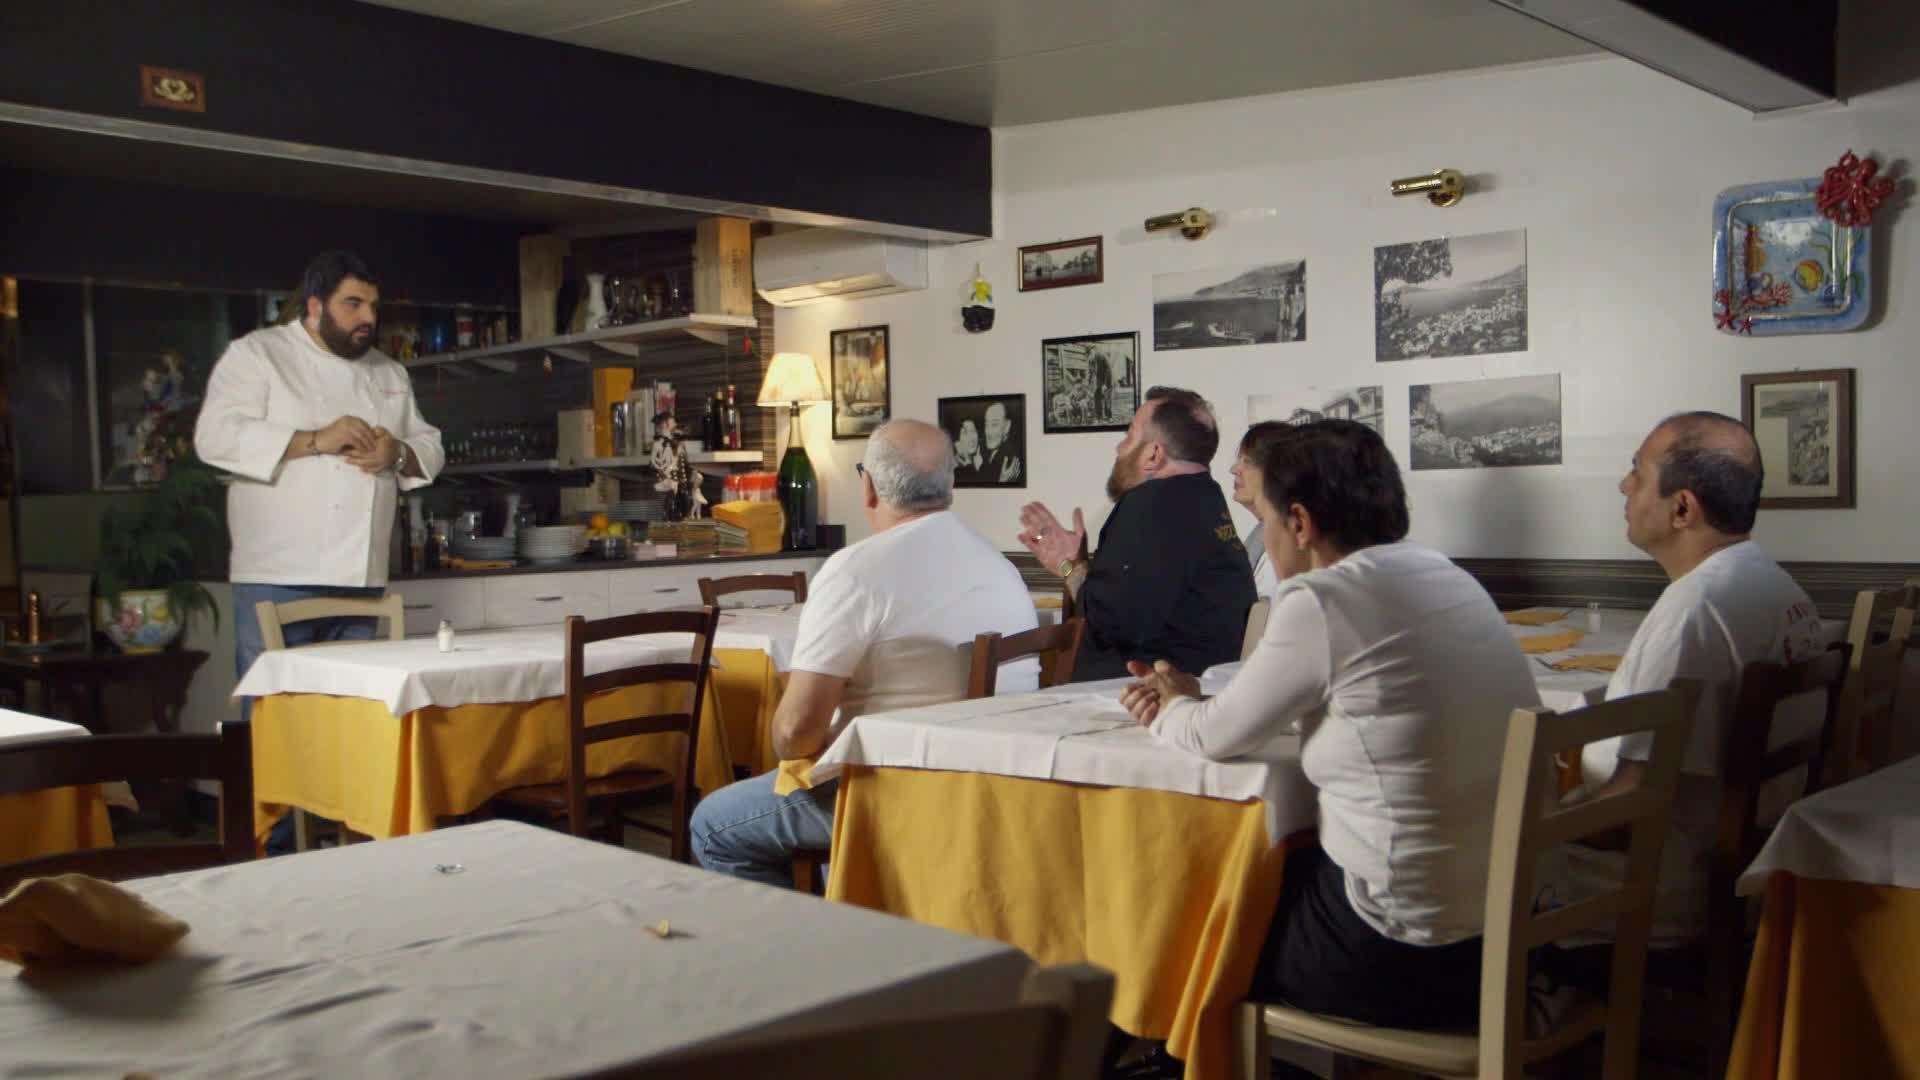 Cucine da incubo italia antonino cannavacciuolo a milano con enzo miccio dplay - Cucine da incubo italia ...